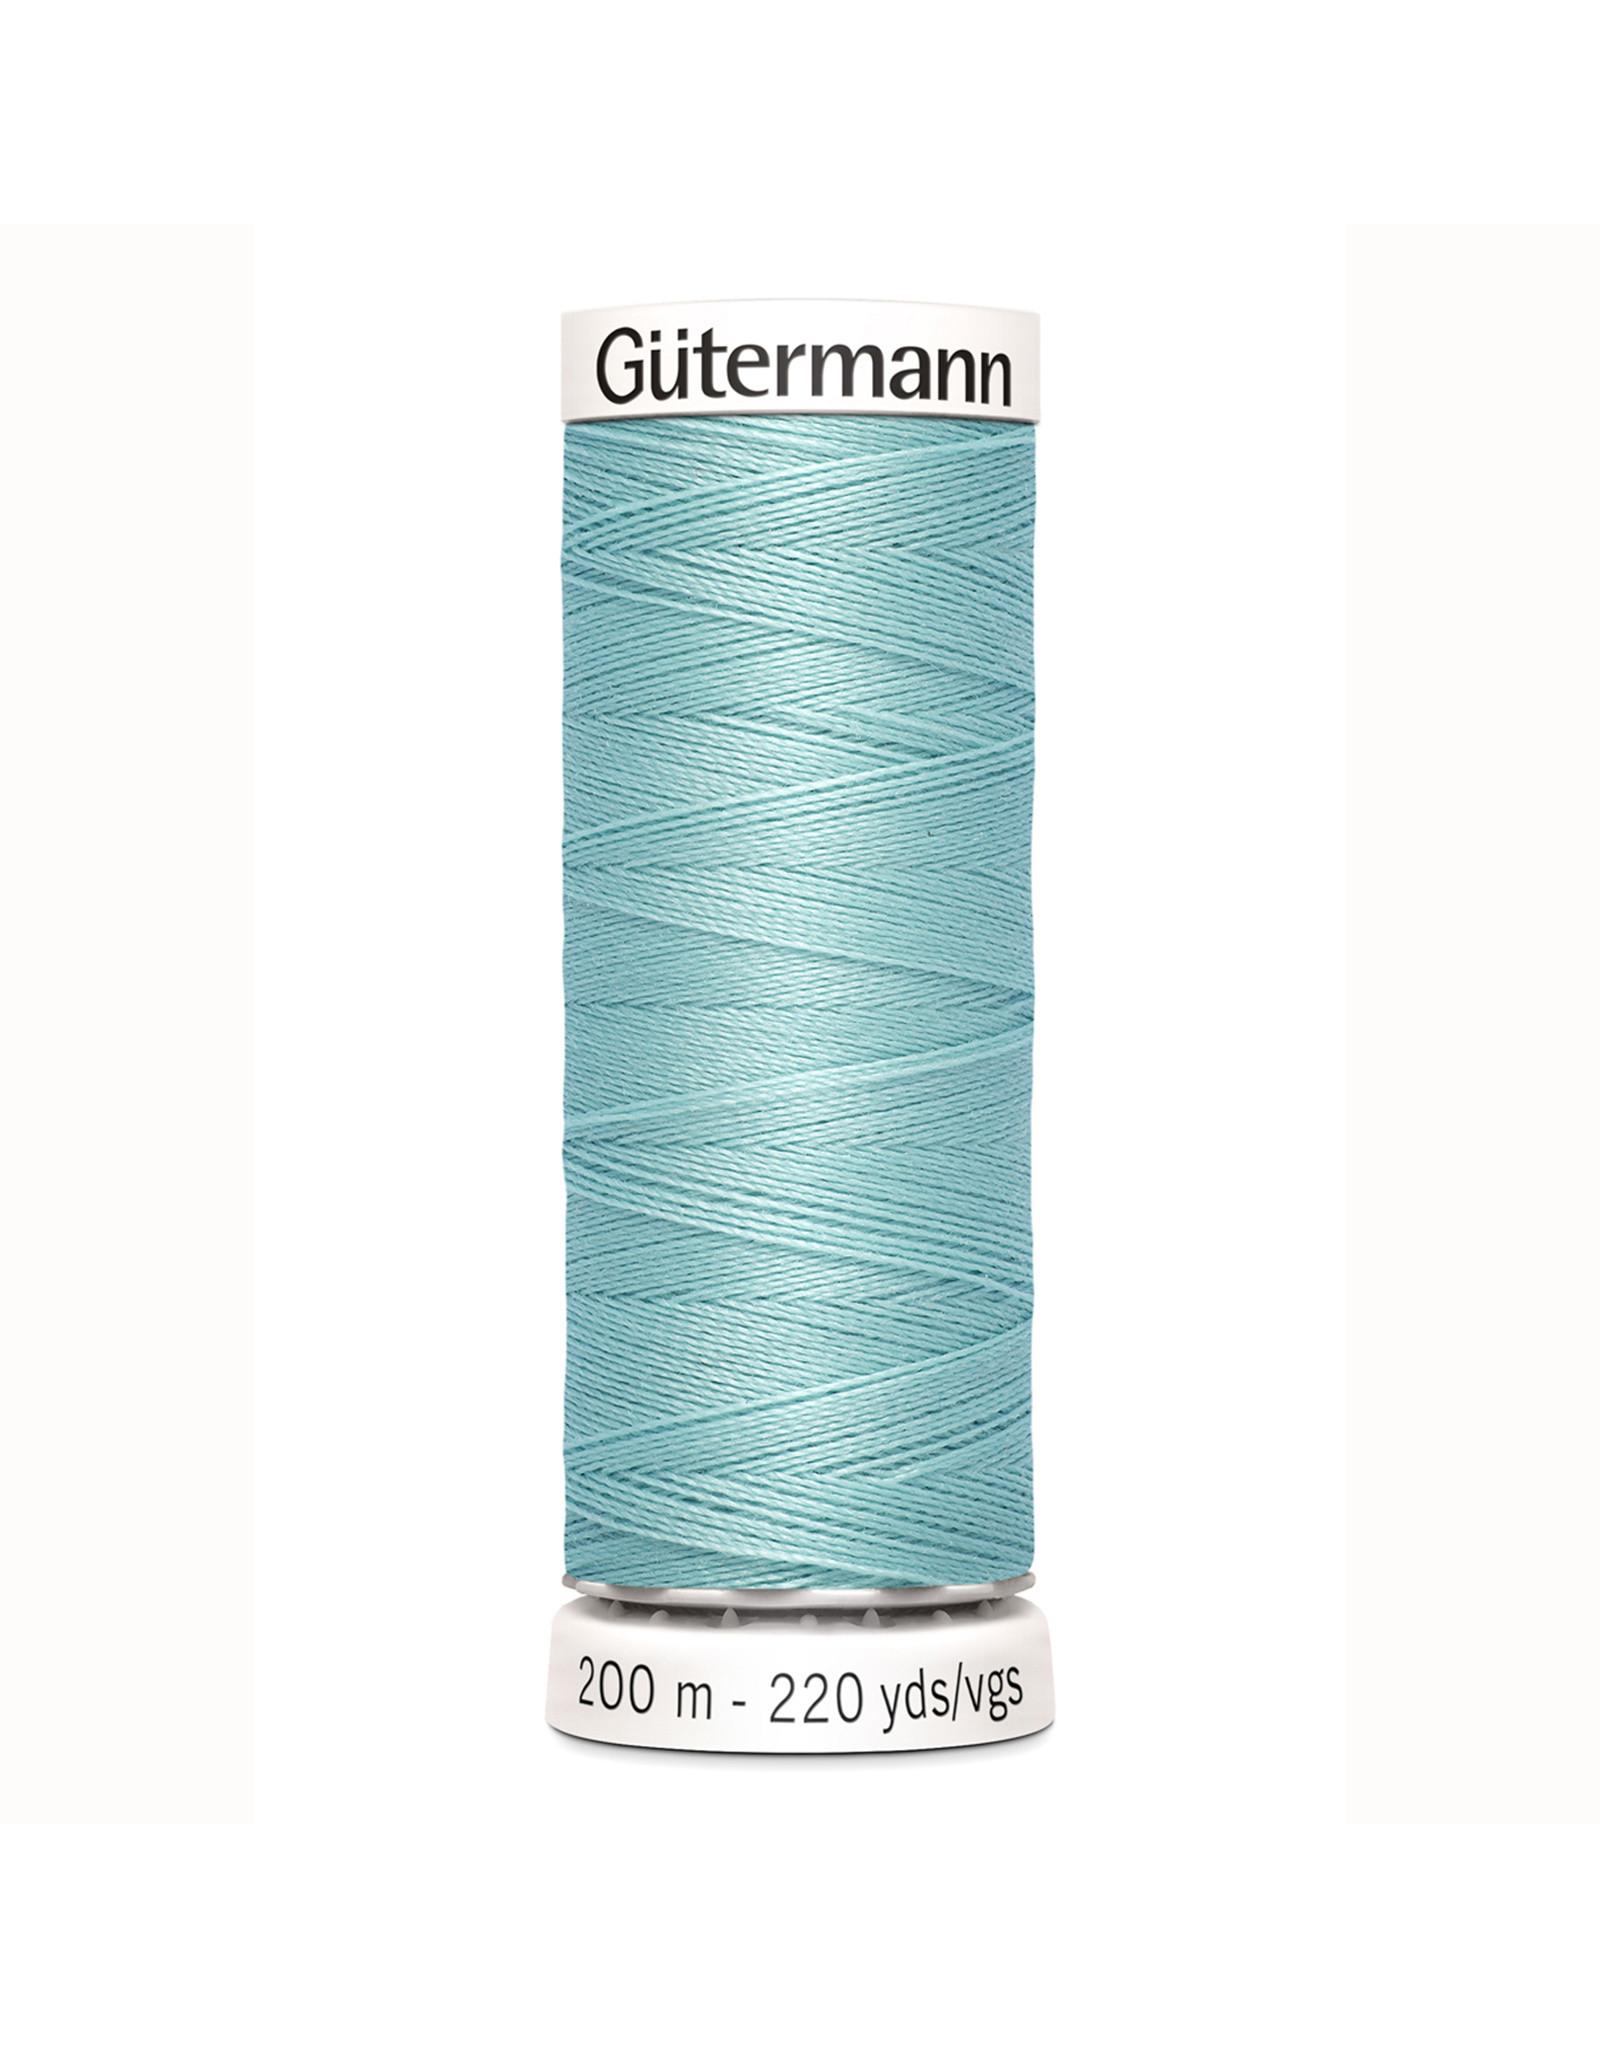 Gütermann Gütermann Nähgarn 200 m - nr 331